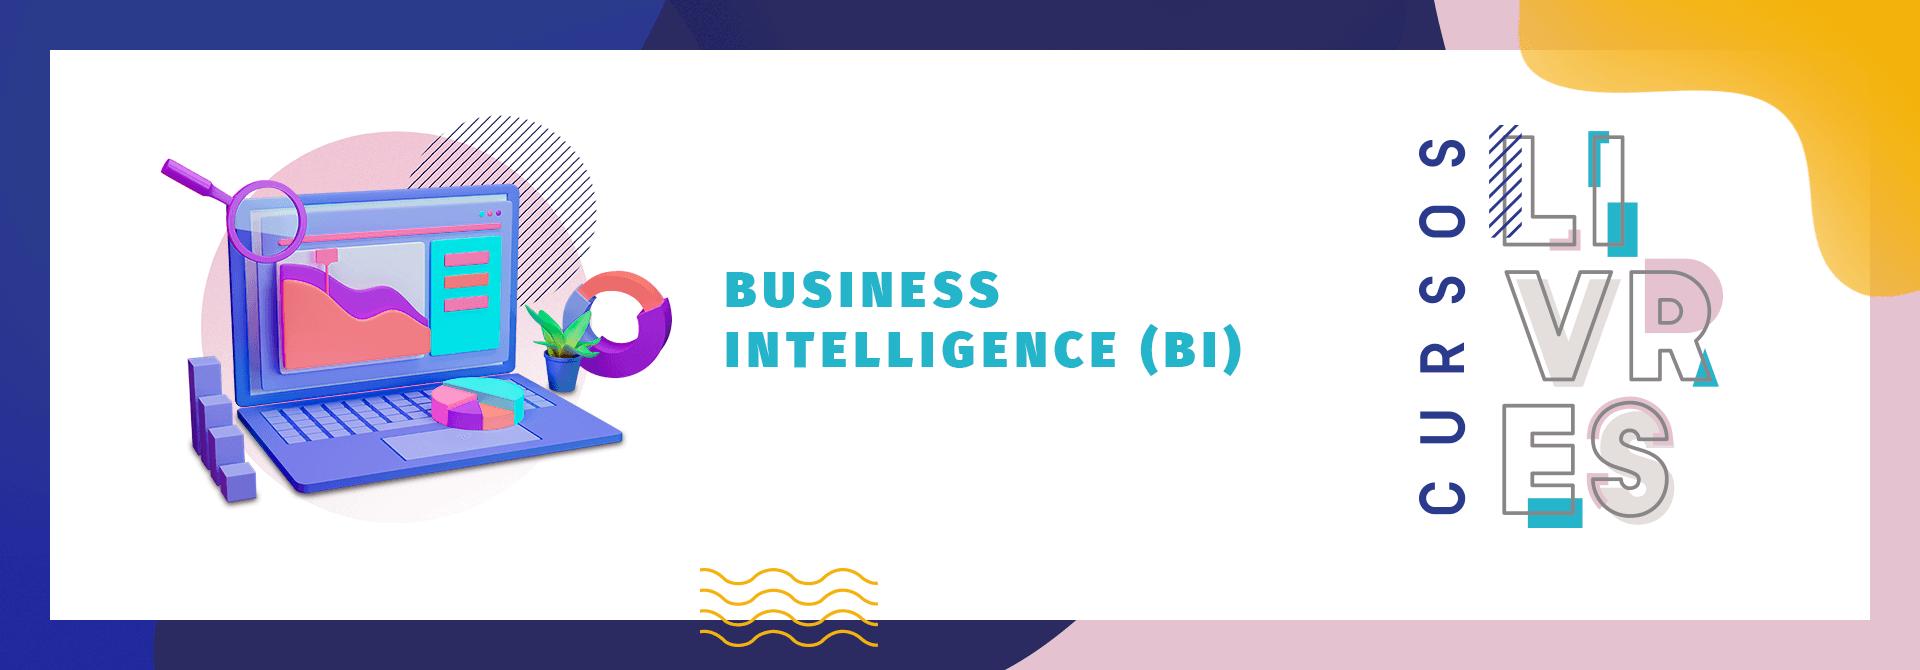 Faça o Curso Livre em Business Intelligence na UVV